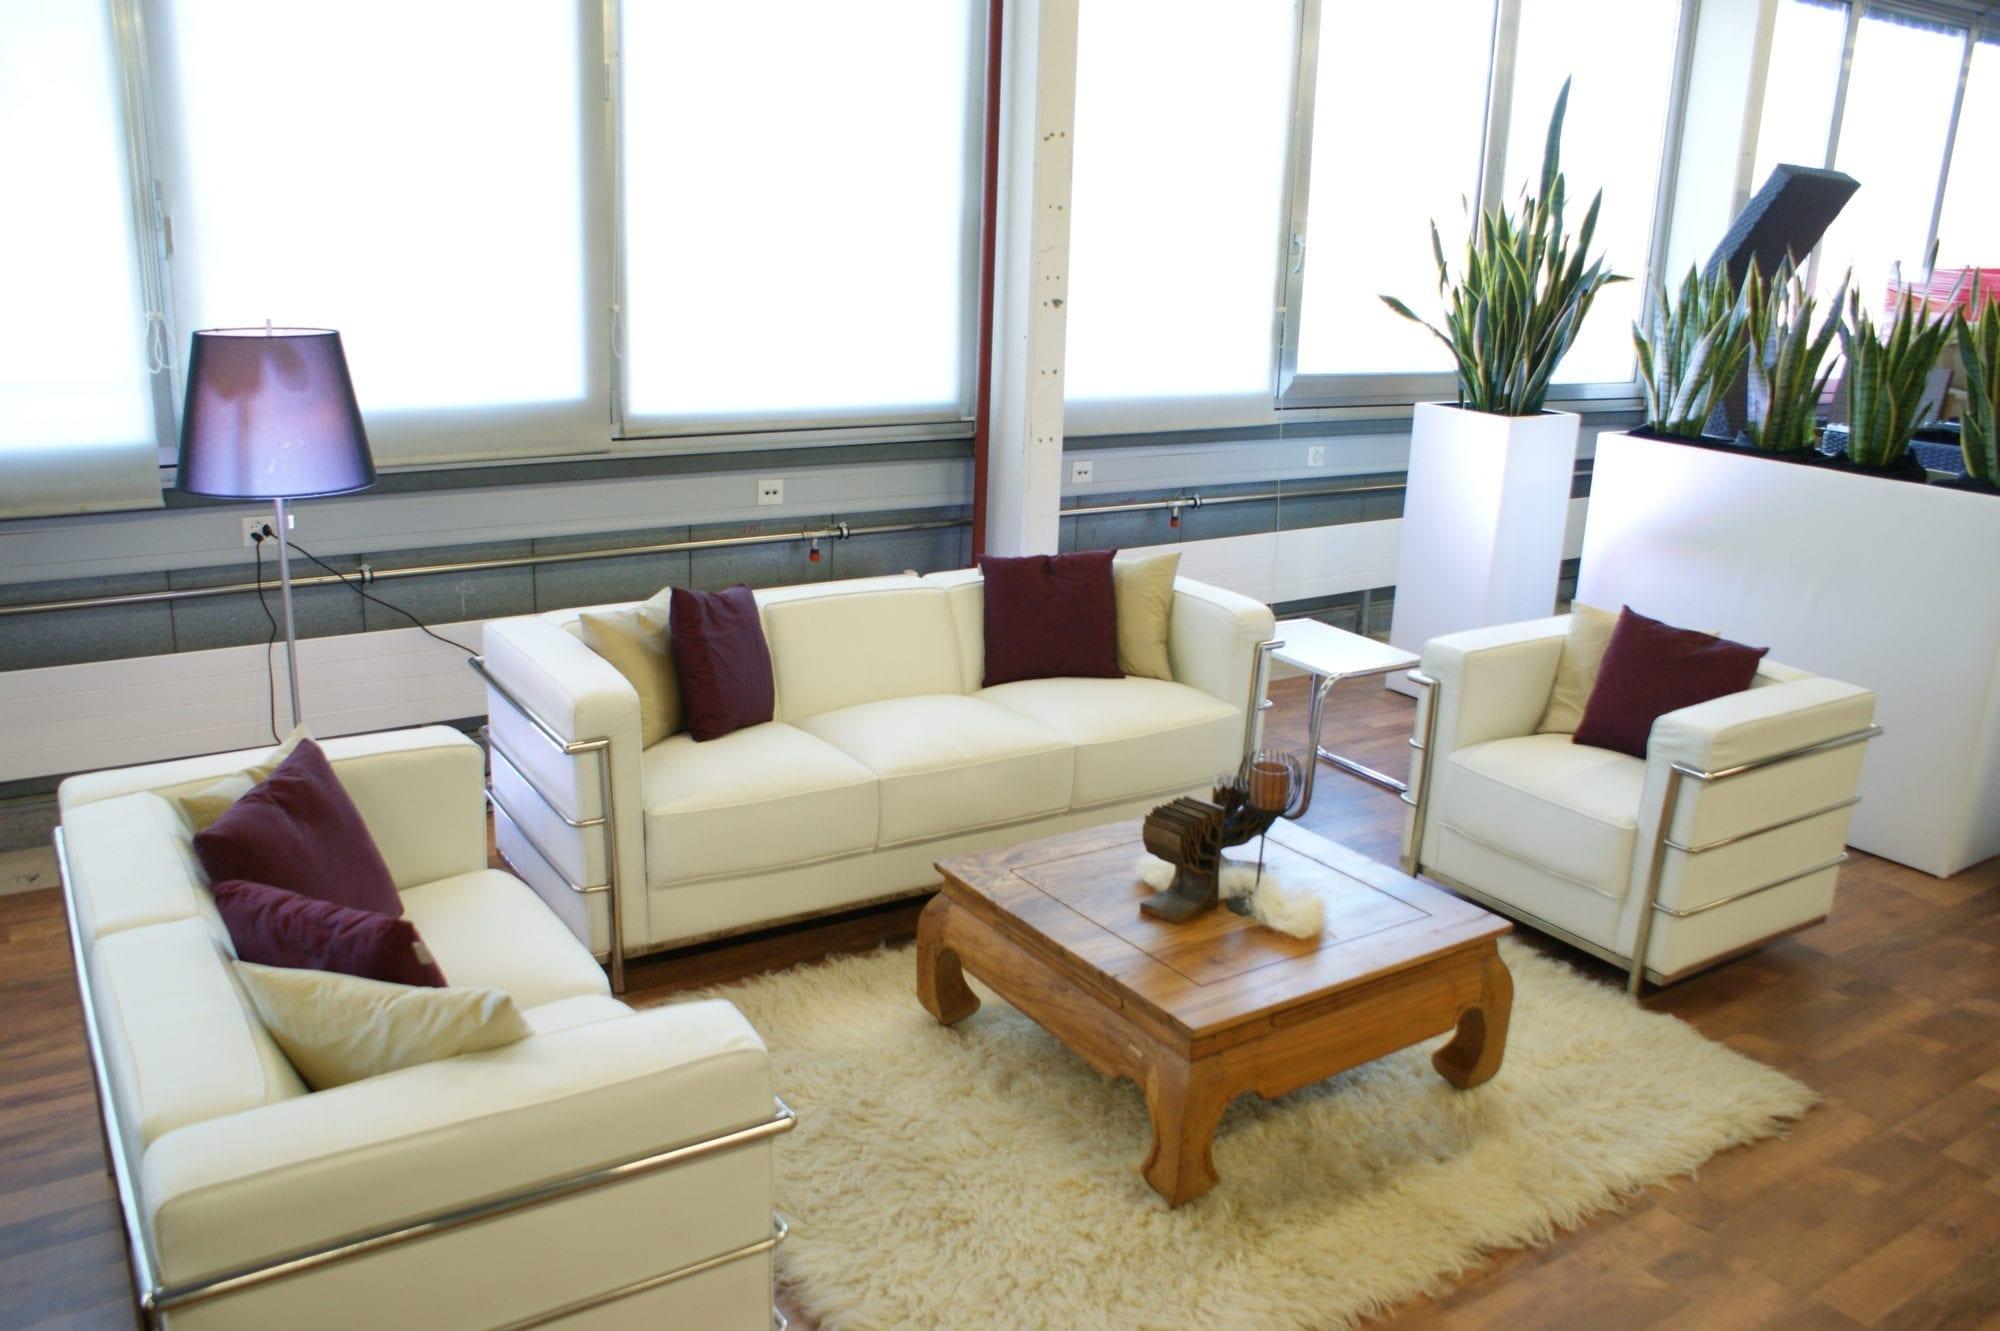 teppich flokati mieten rent-a-lounge 3